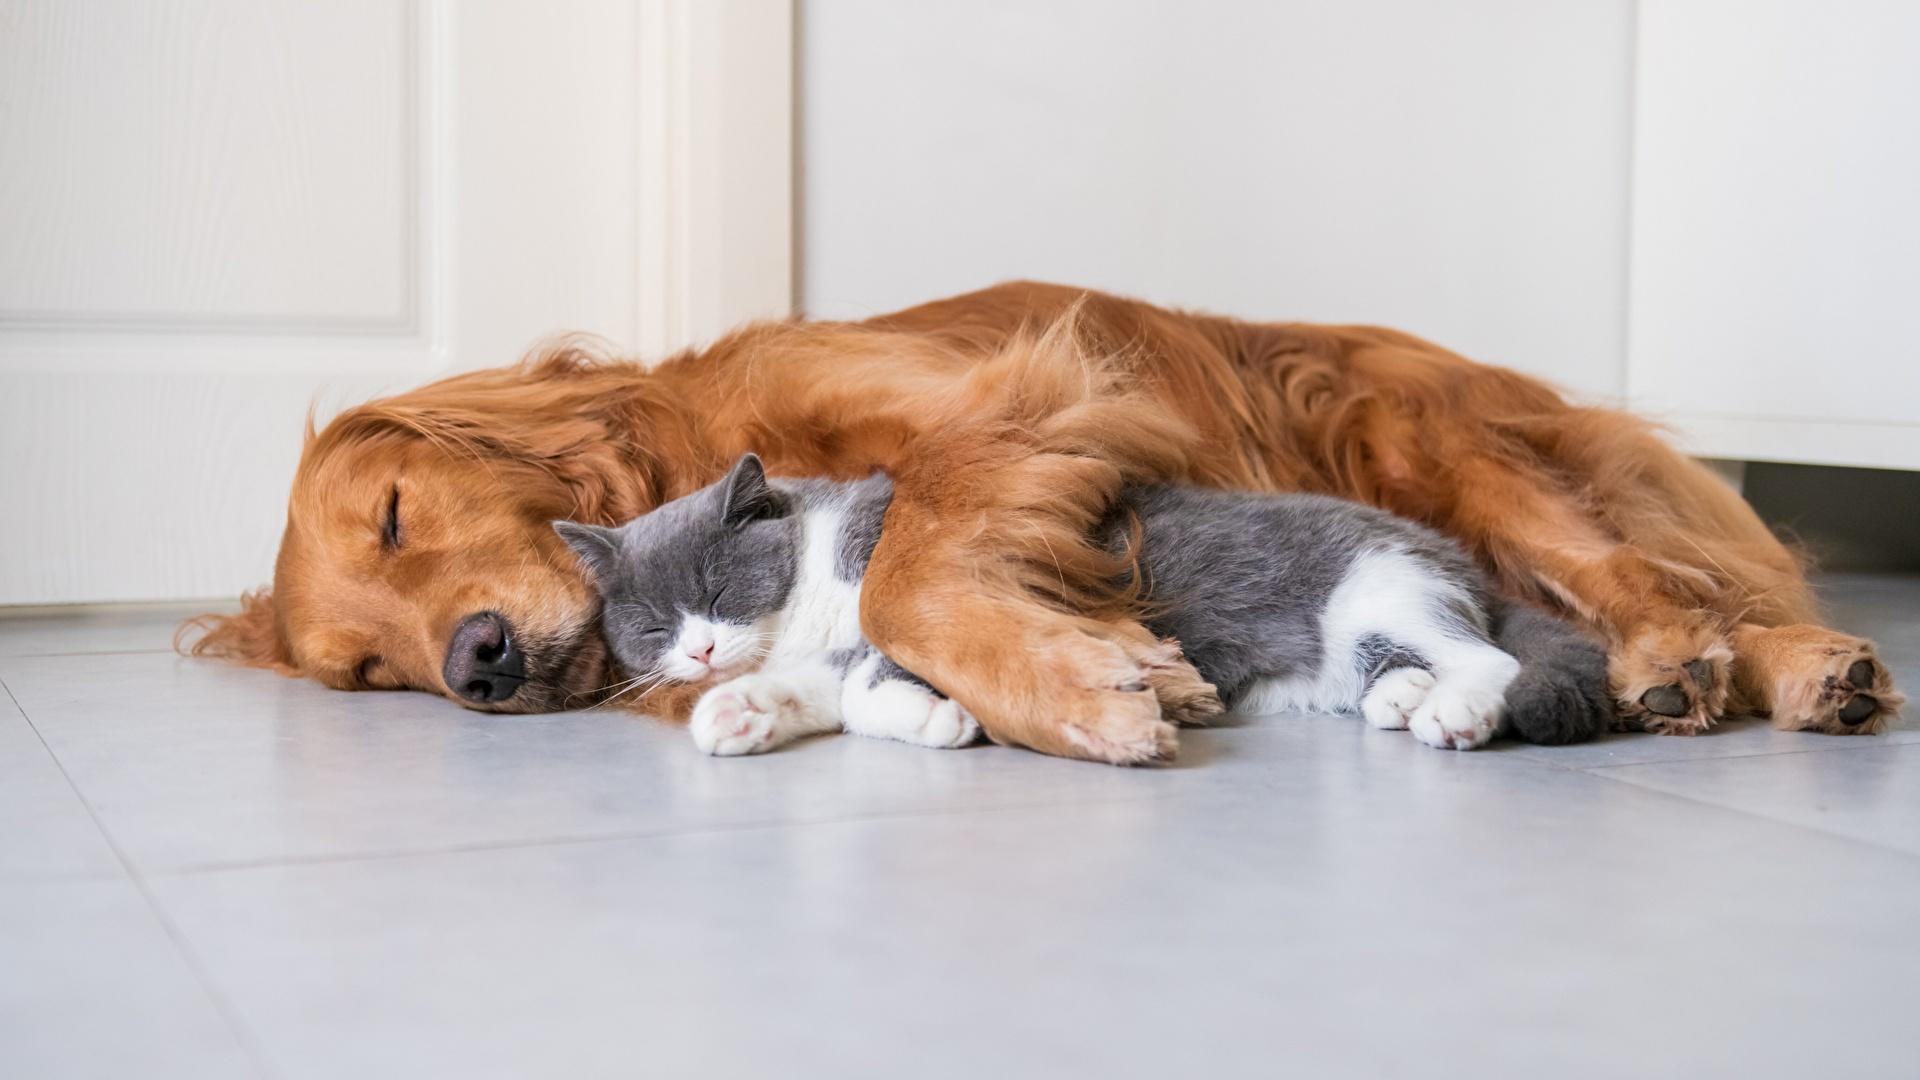 Обои для рабочего стола кот собака Лежит Двое спят животное 1920x1080 коты кошка Кошки Собаки лежа лежат лежачие 2 два две сон Спит вдвоем спящий Животные